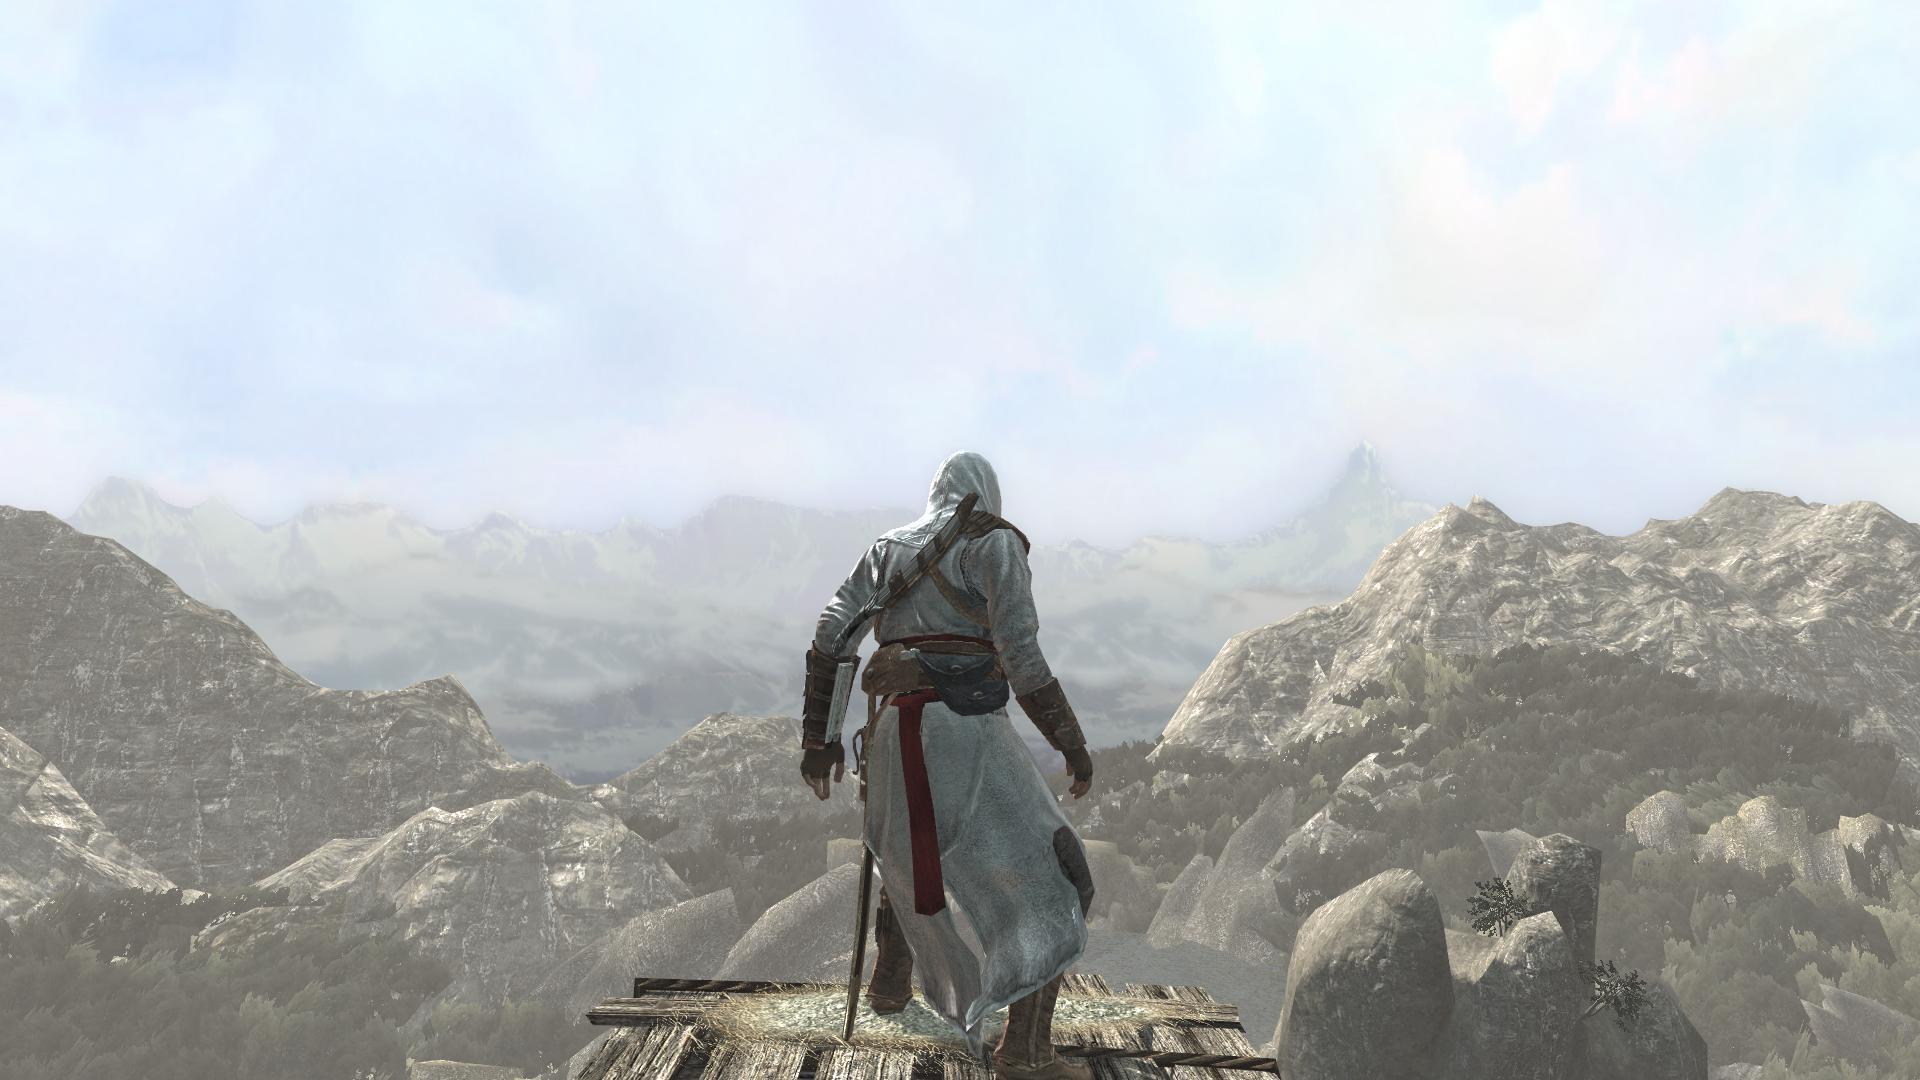 Afbeeldingsresultaat voor assassins creed mountain